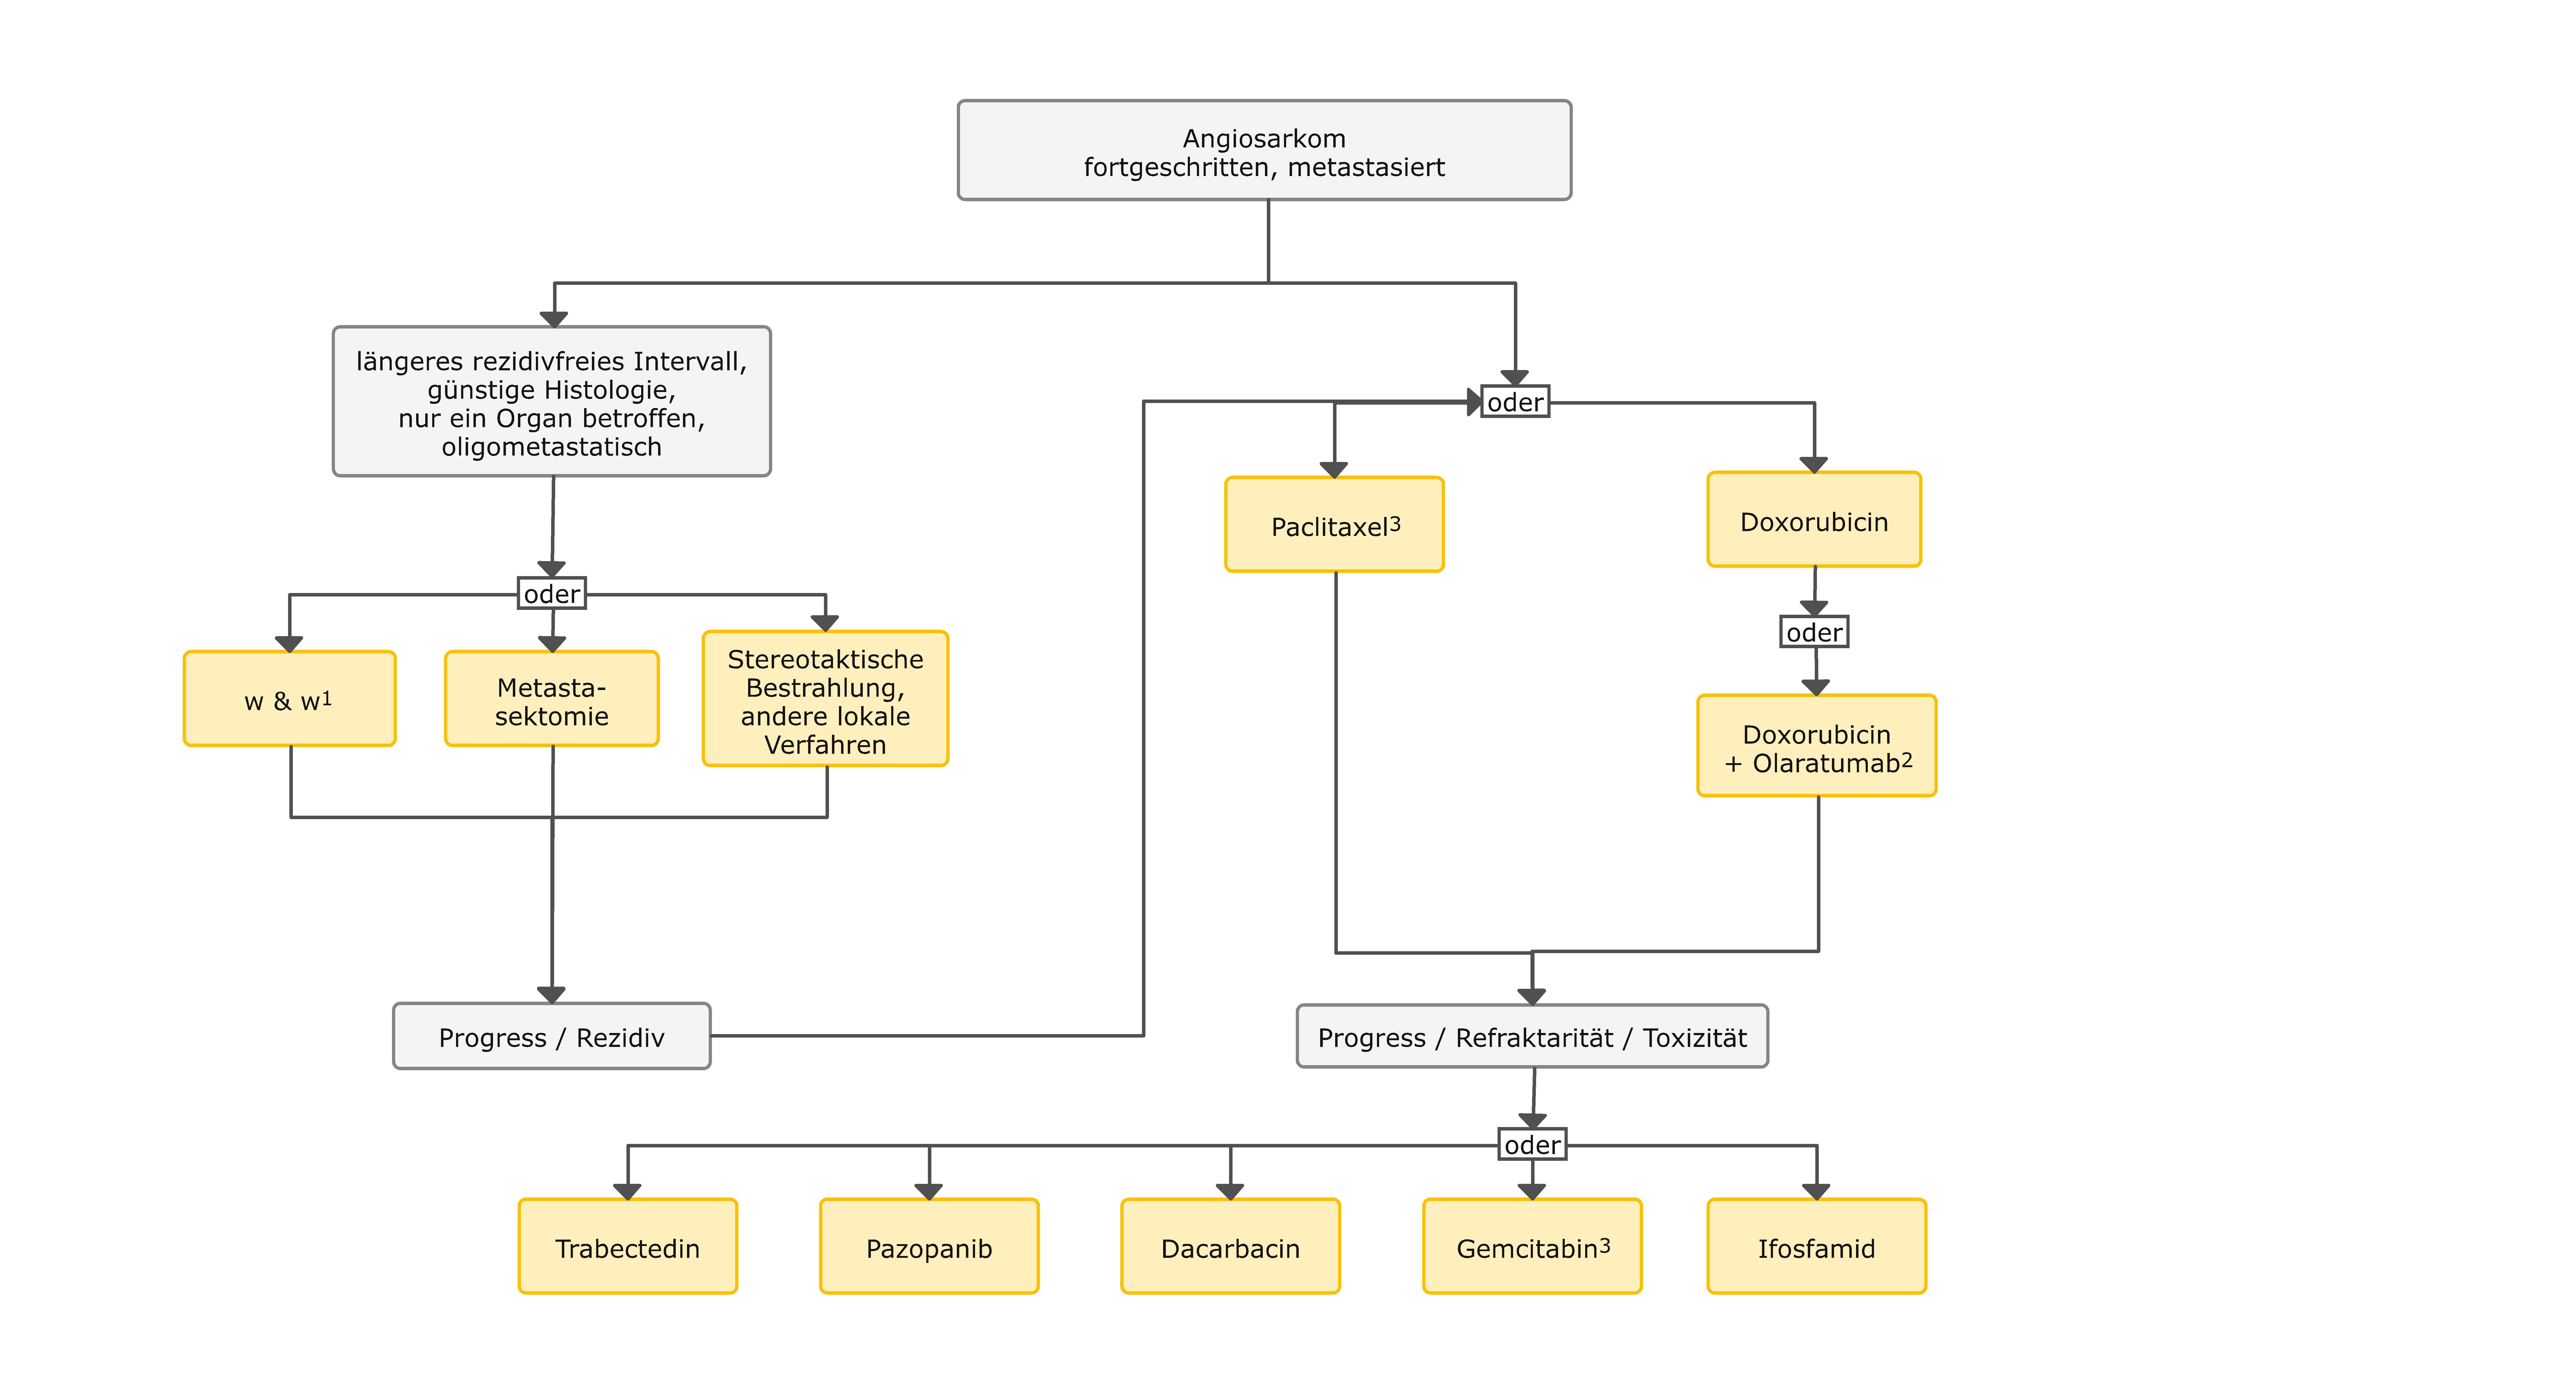 Therapiealgorithmus beim fortgeschrittenen Angiosarkom